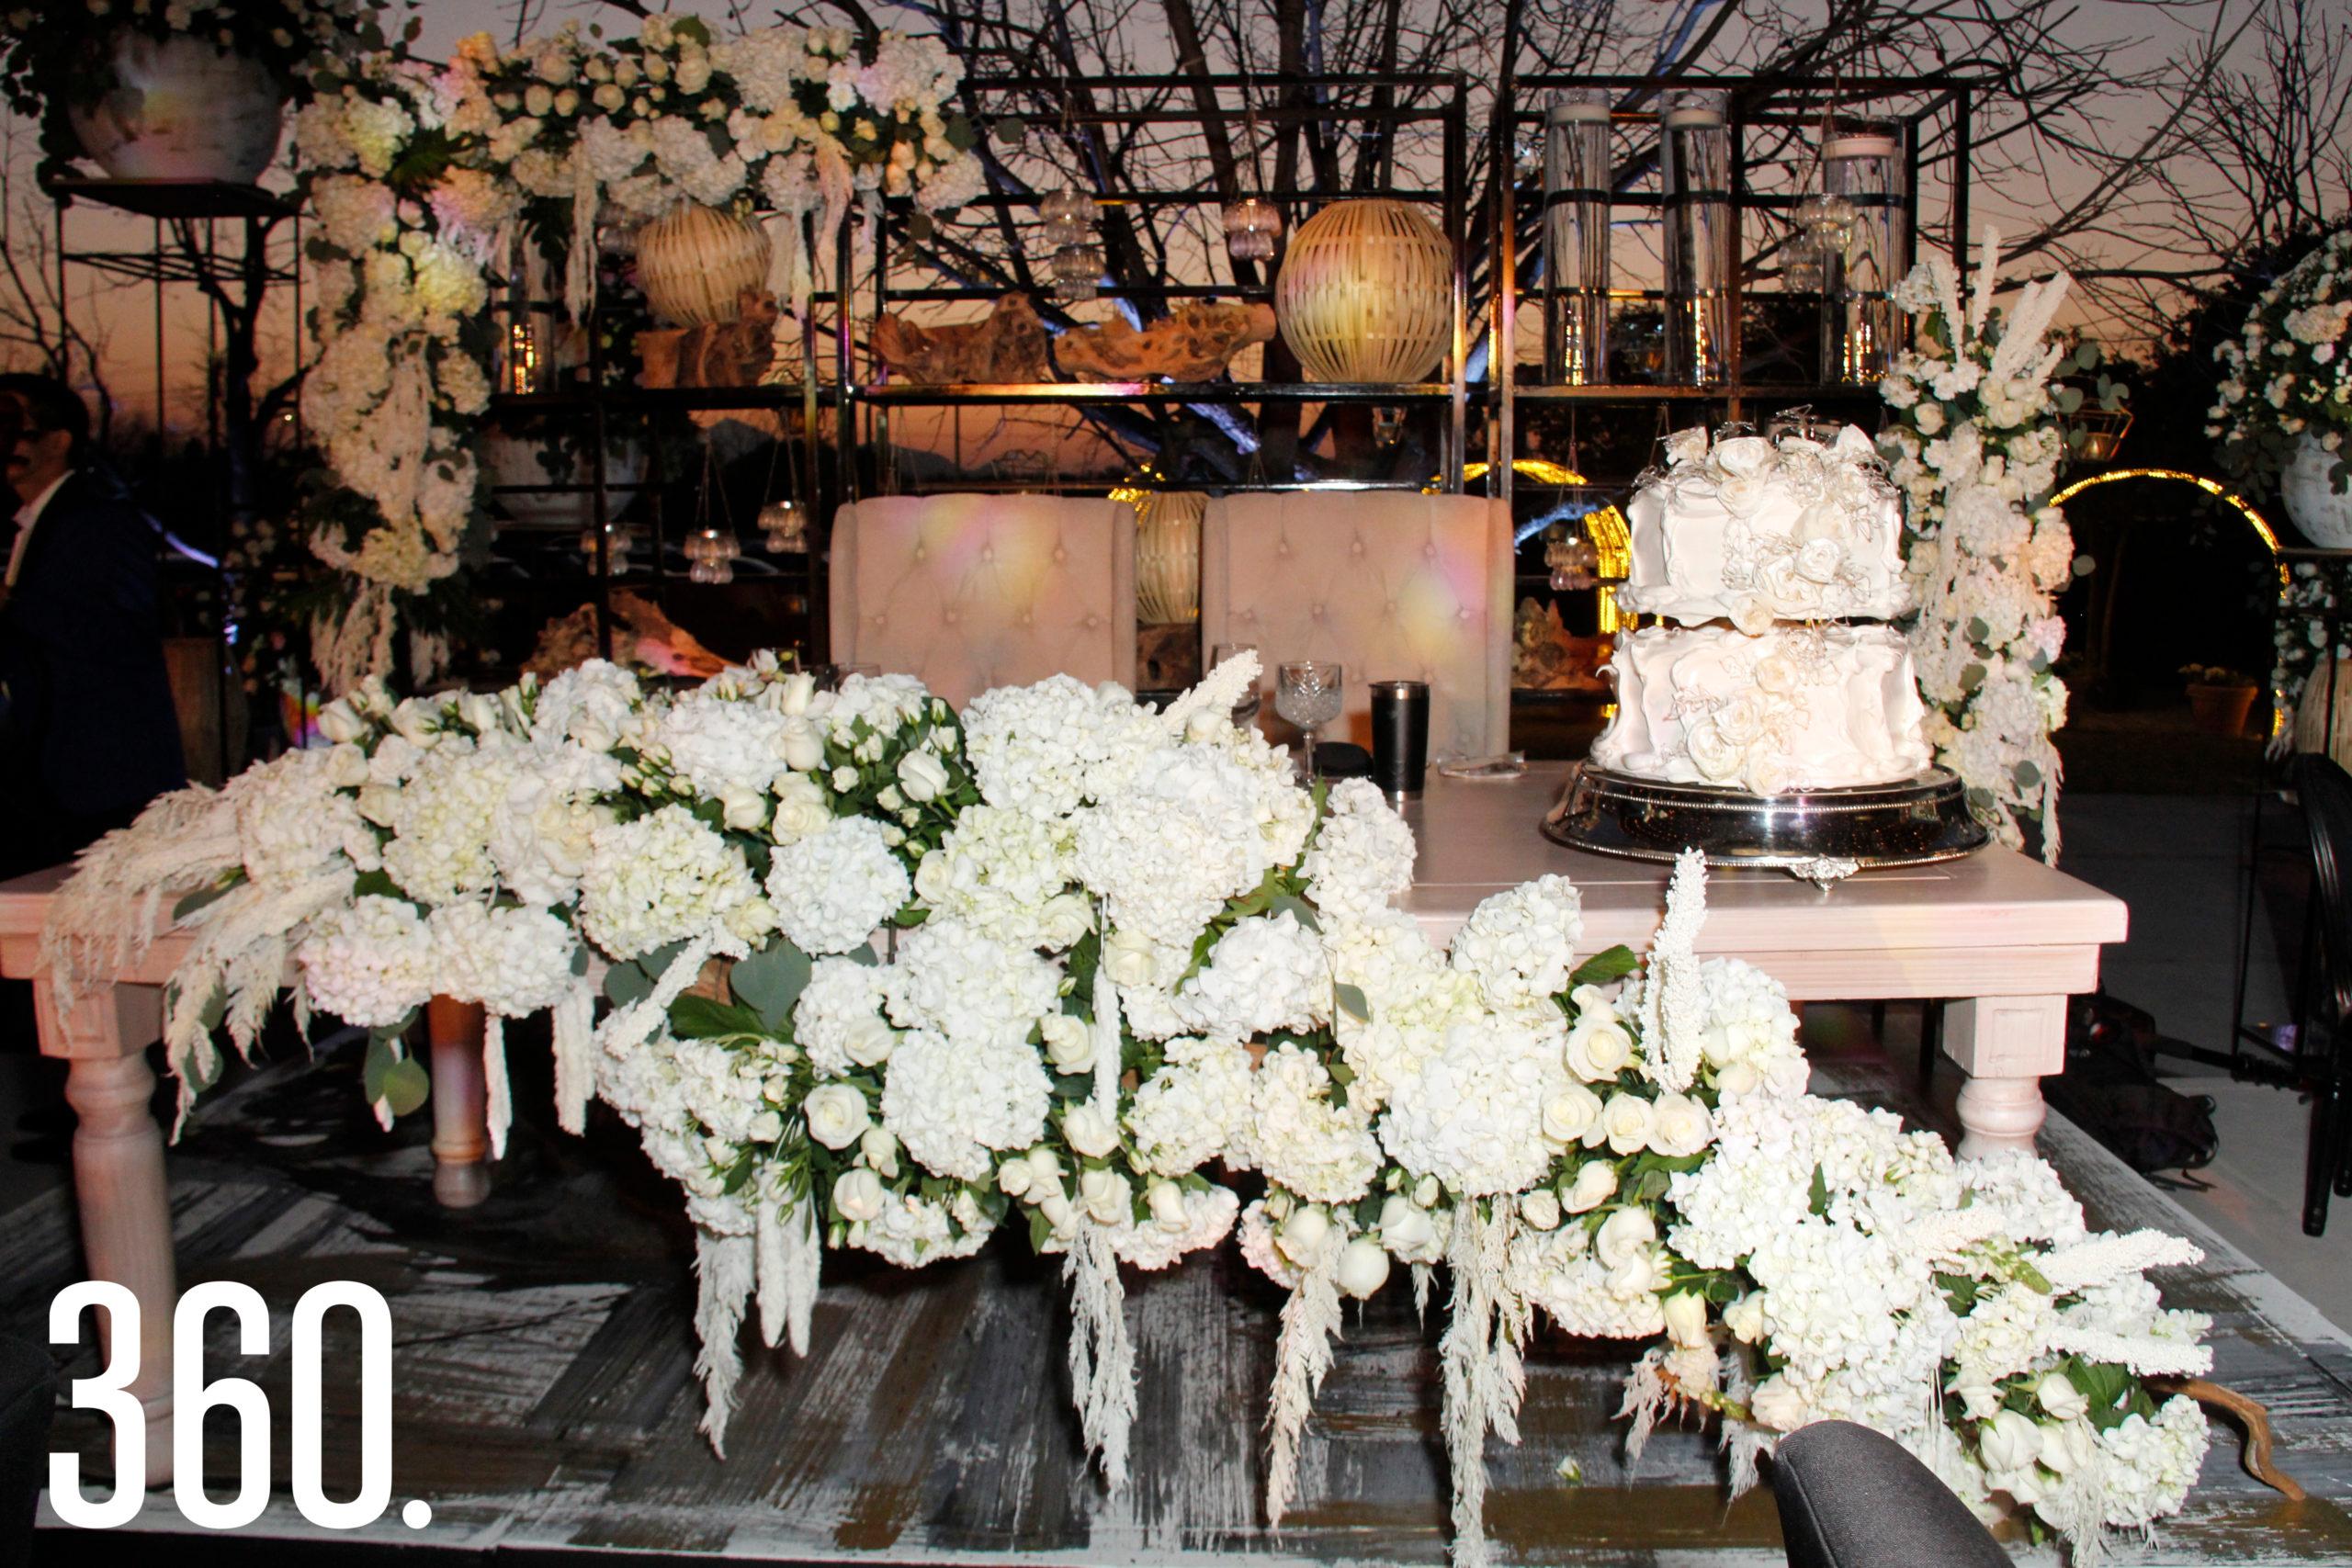 Adornos florales en las mesas y decoración en general.